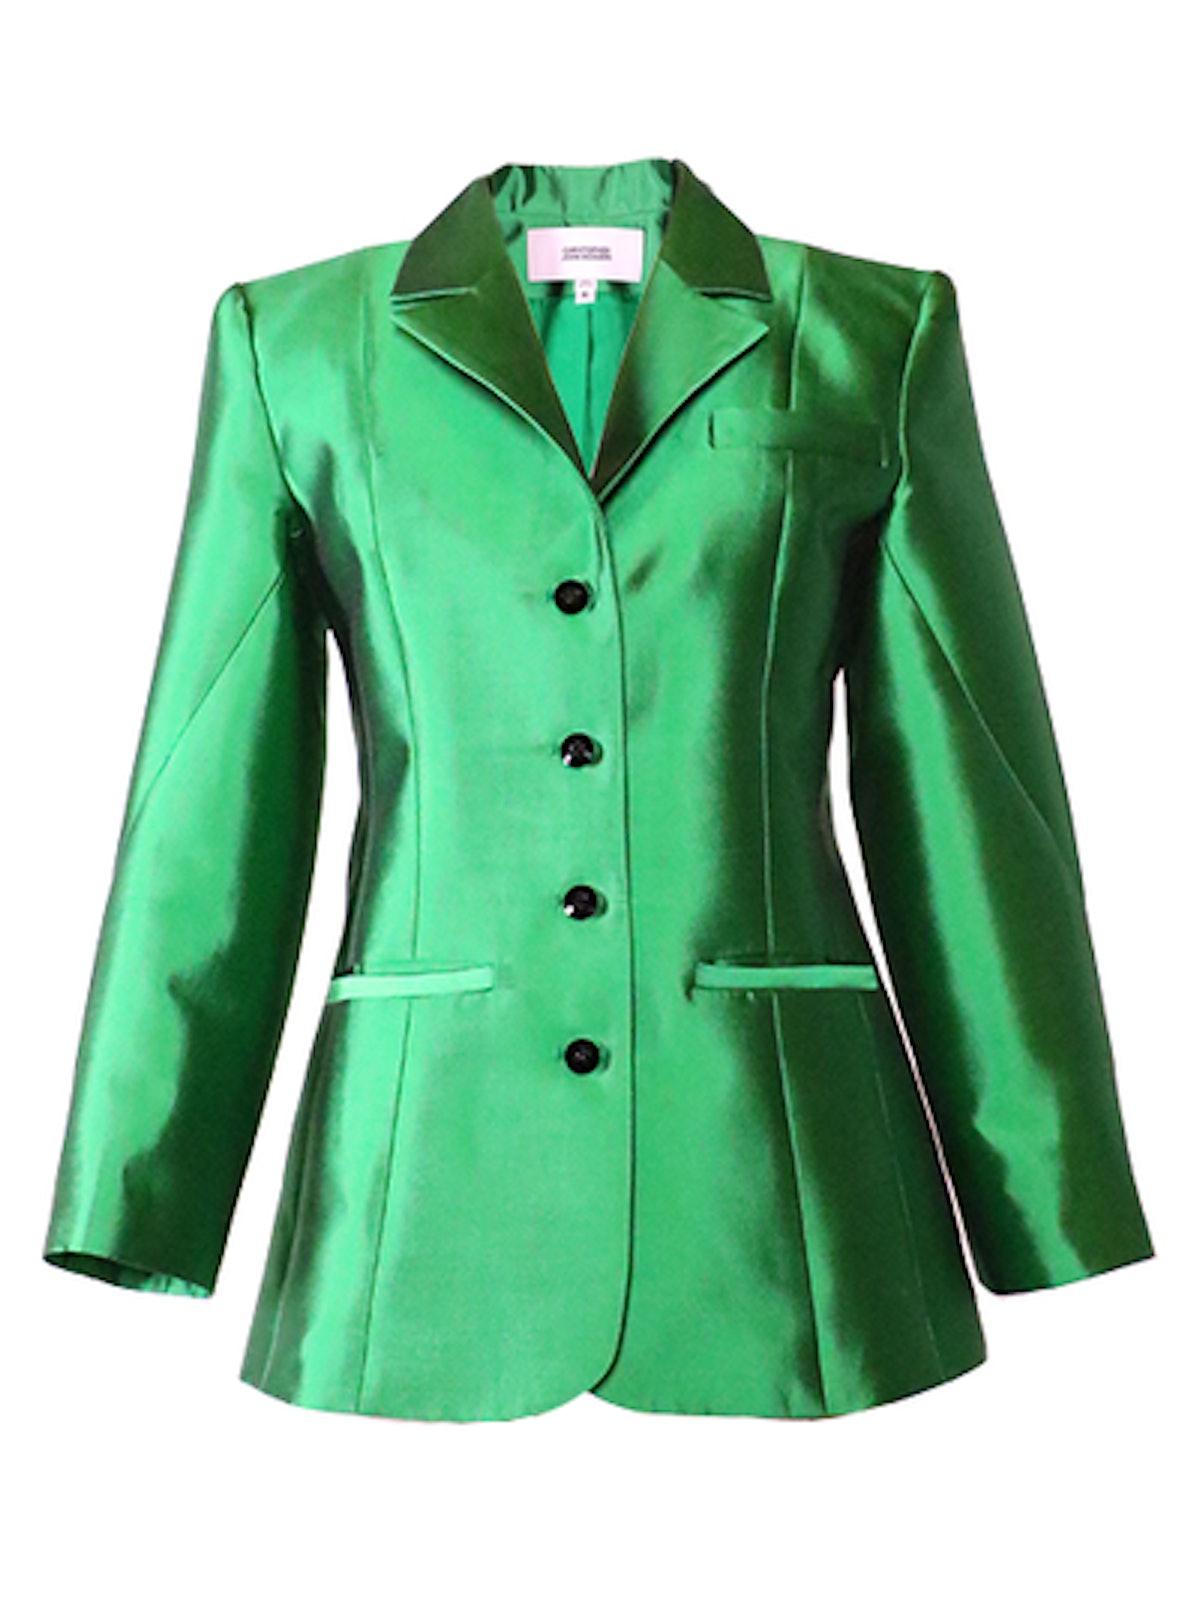 Four Button Suit Jacket